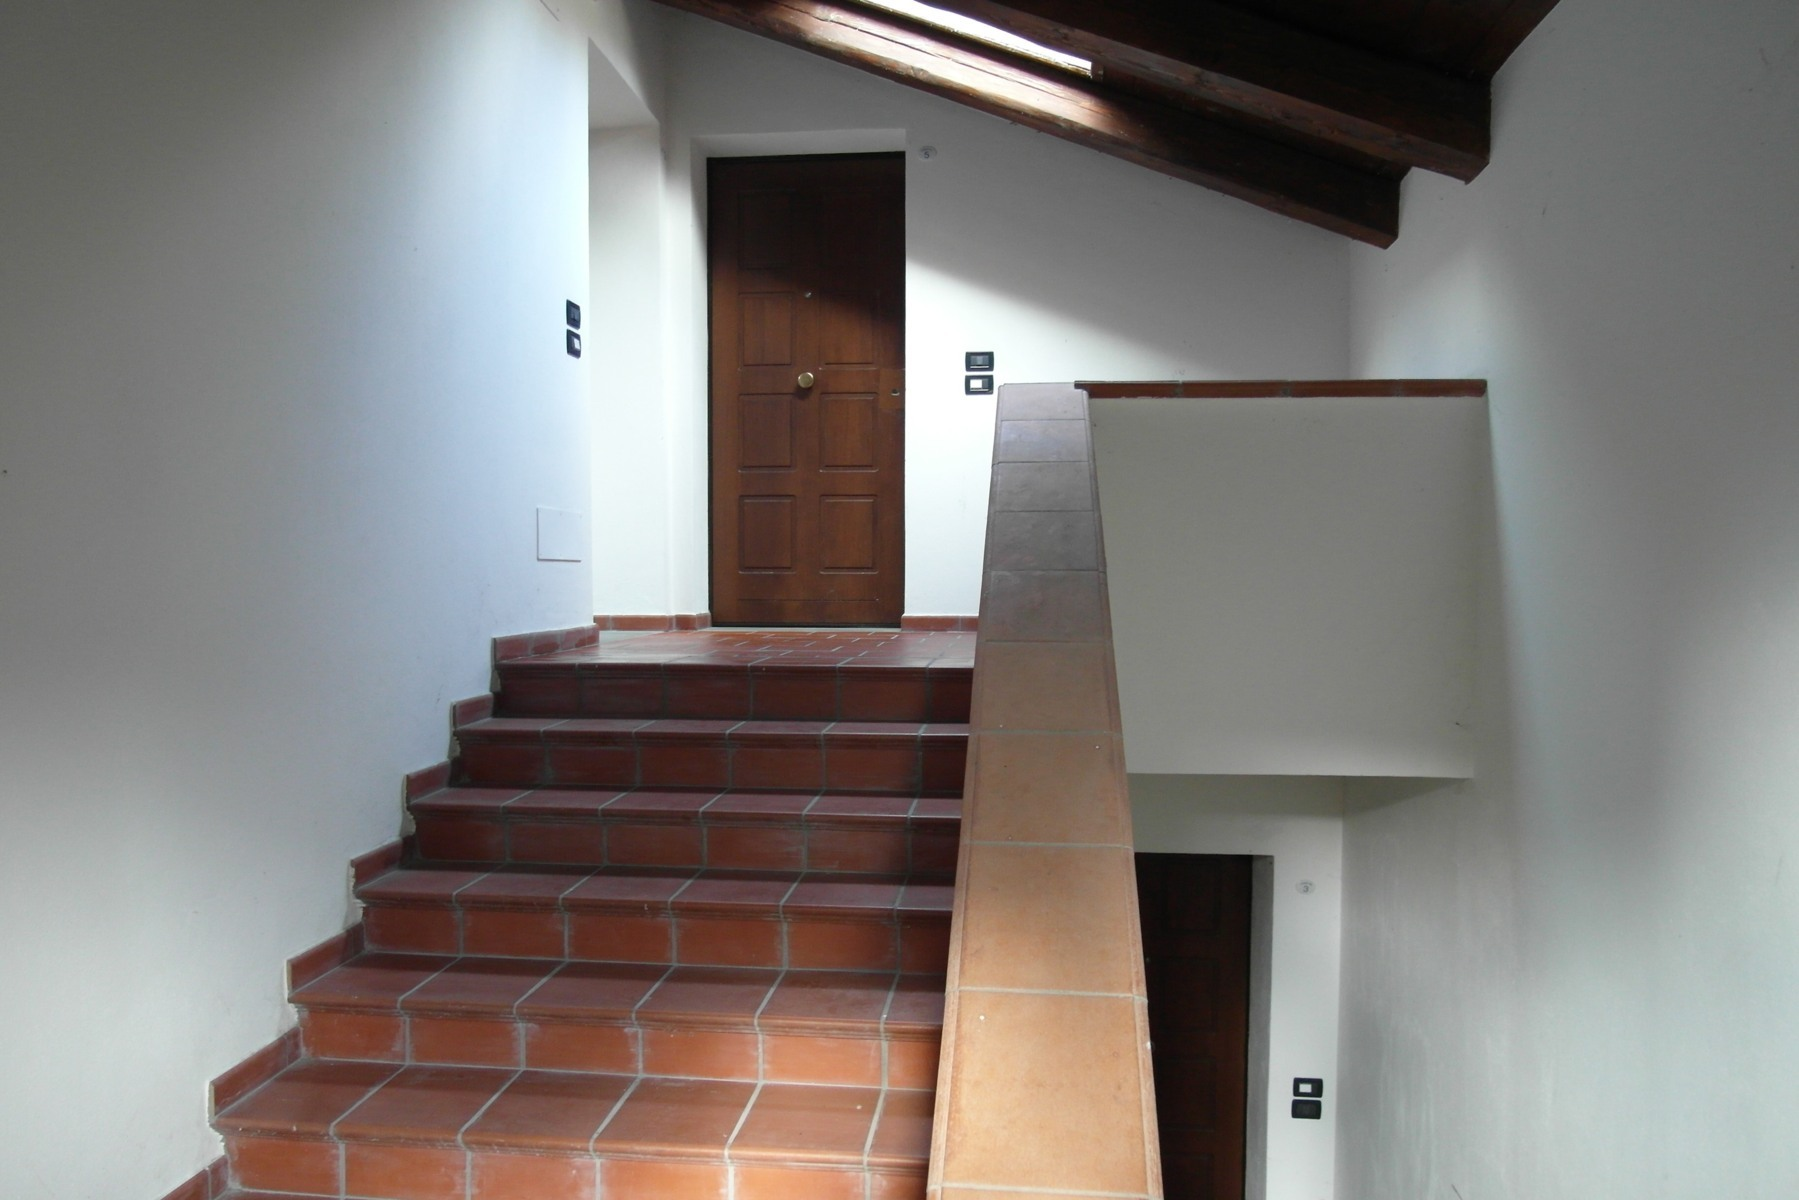 Appartamento ristrutturato in centro storico (Dovadola – Forlì)